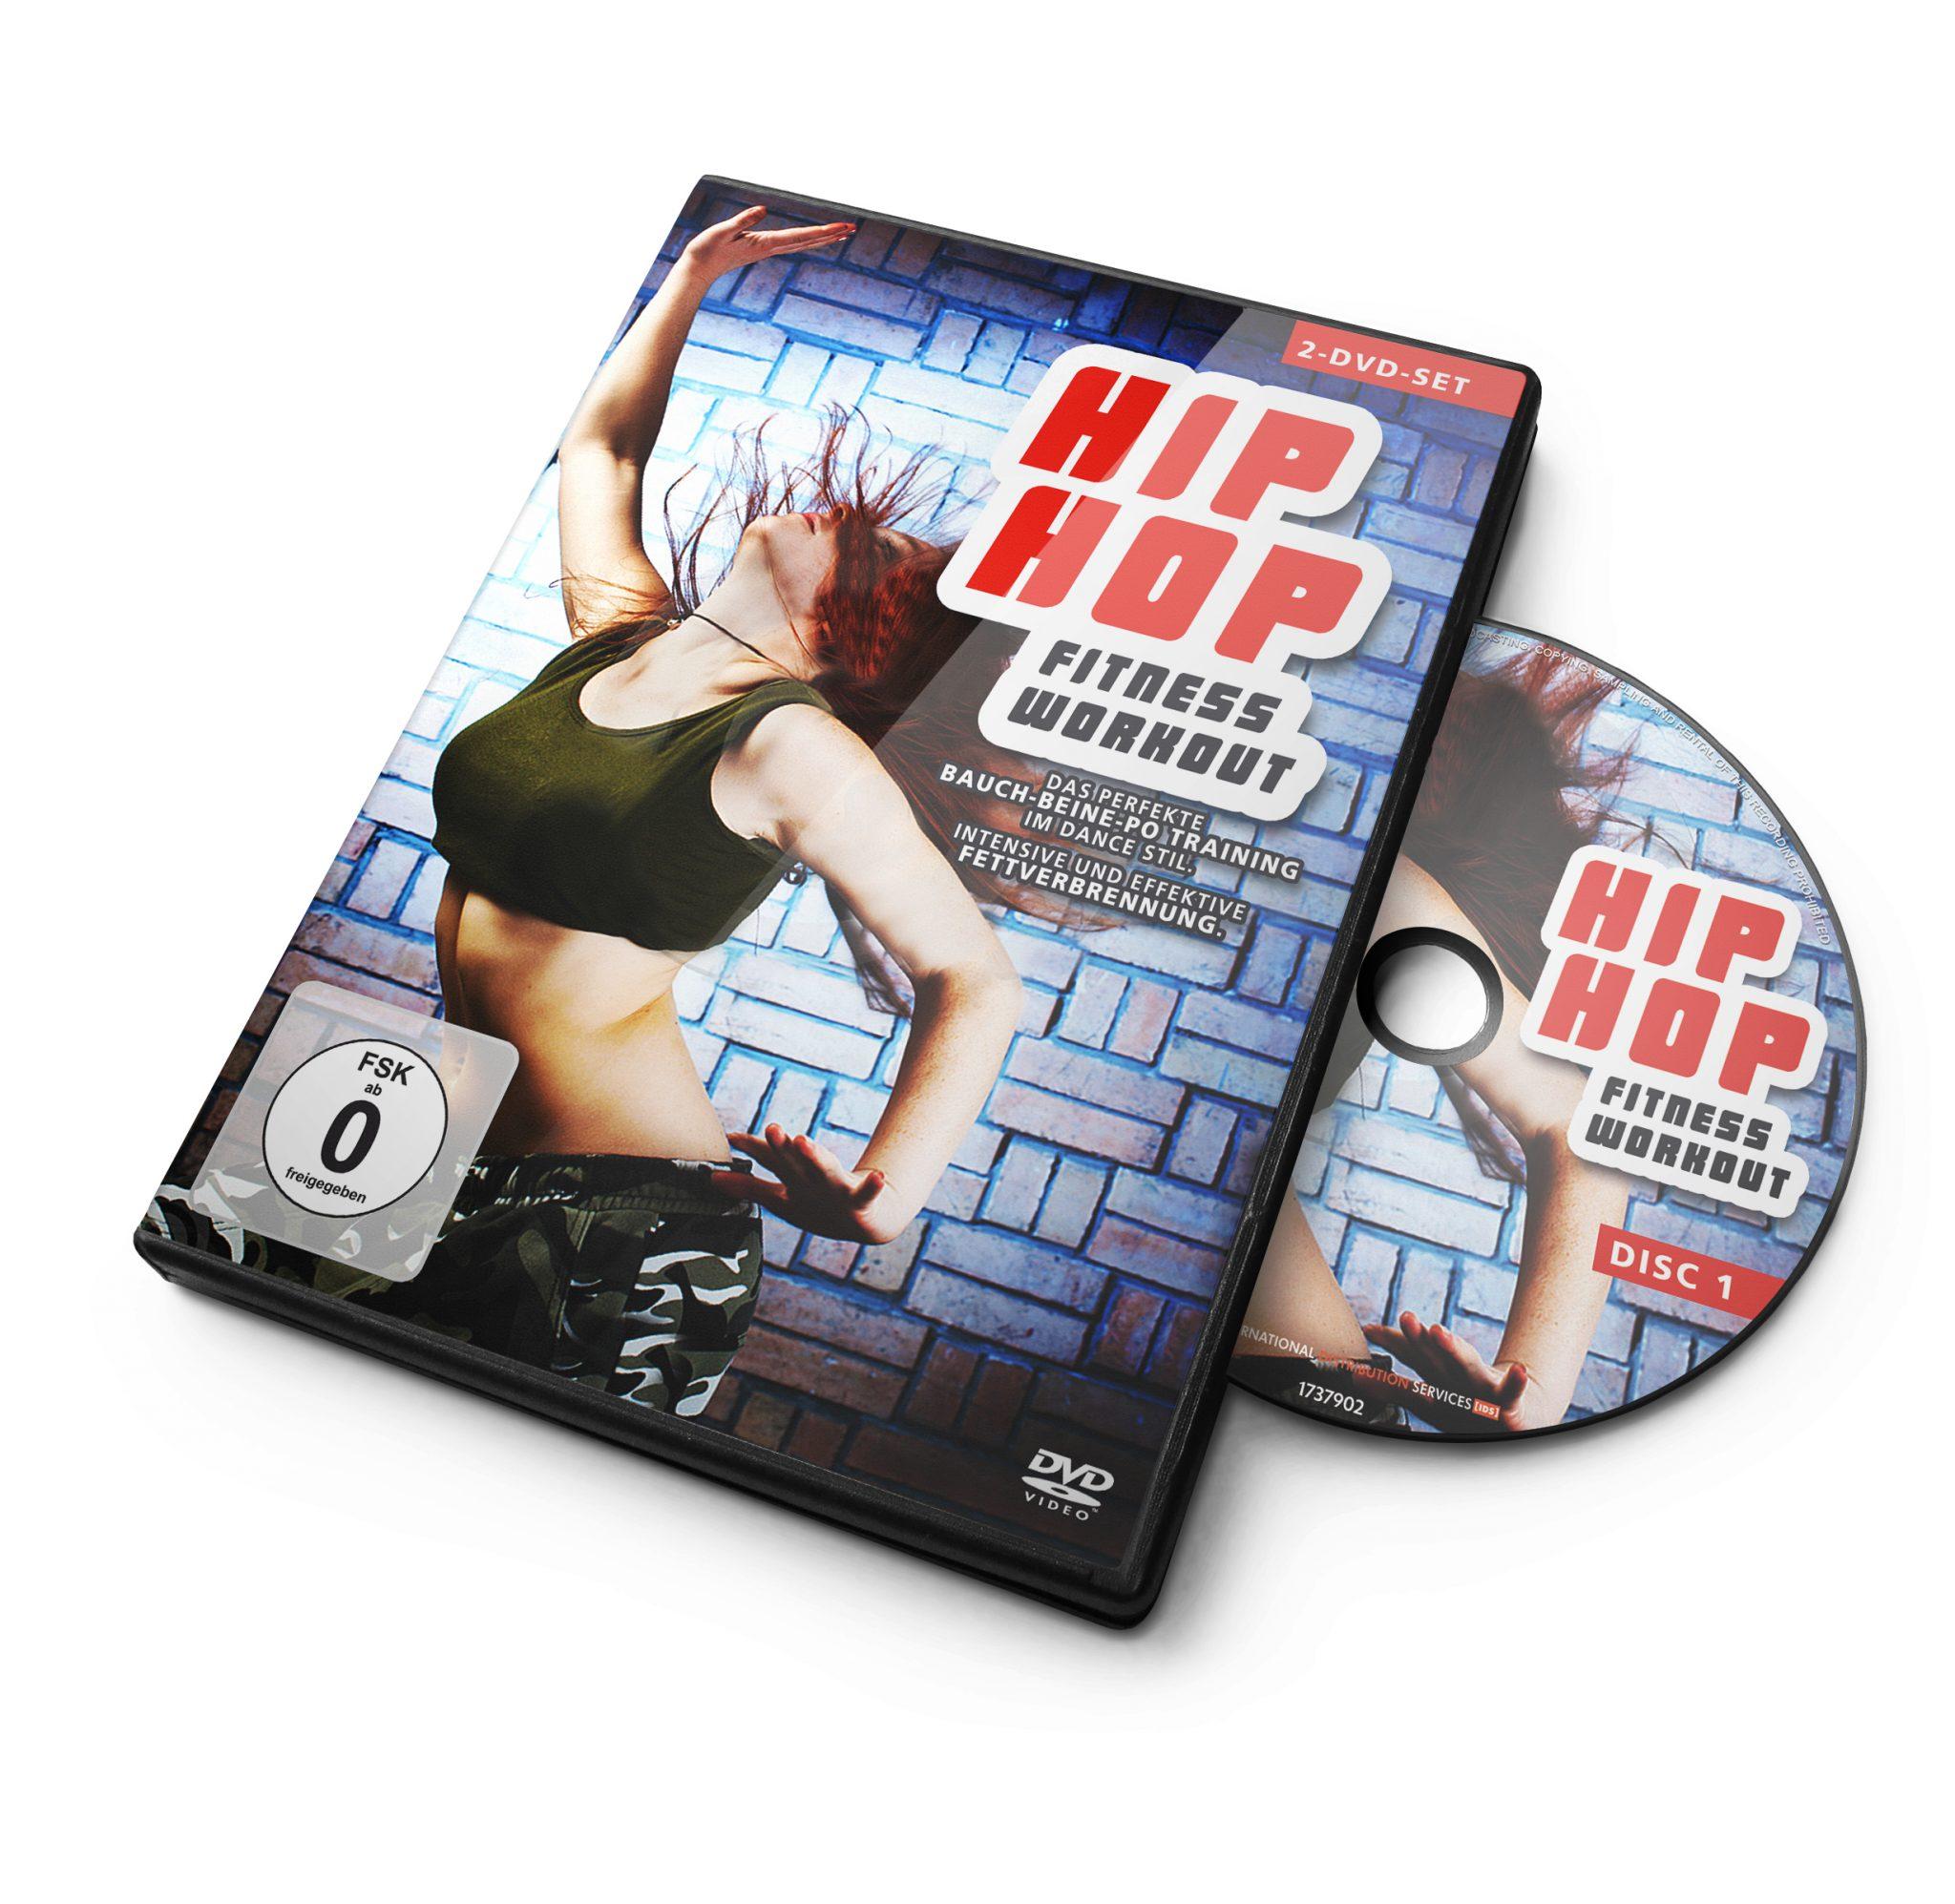 hip hop fitness_dvd